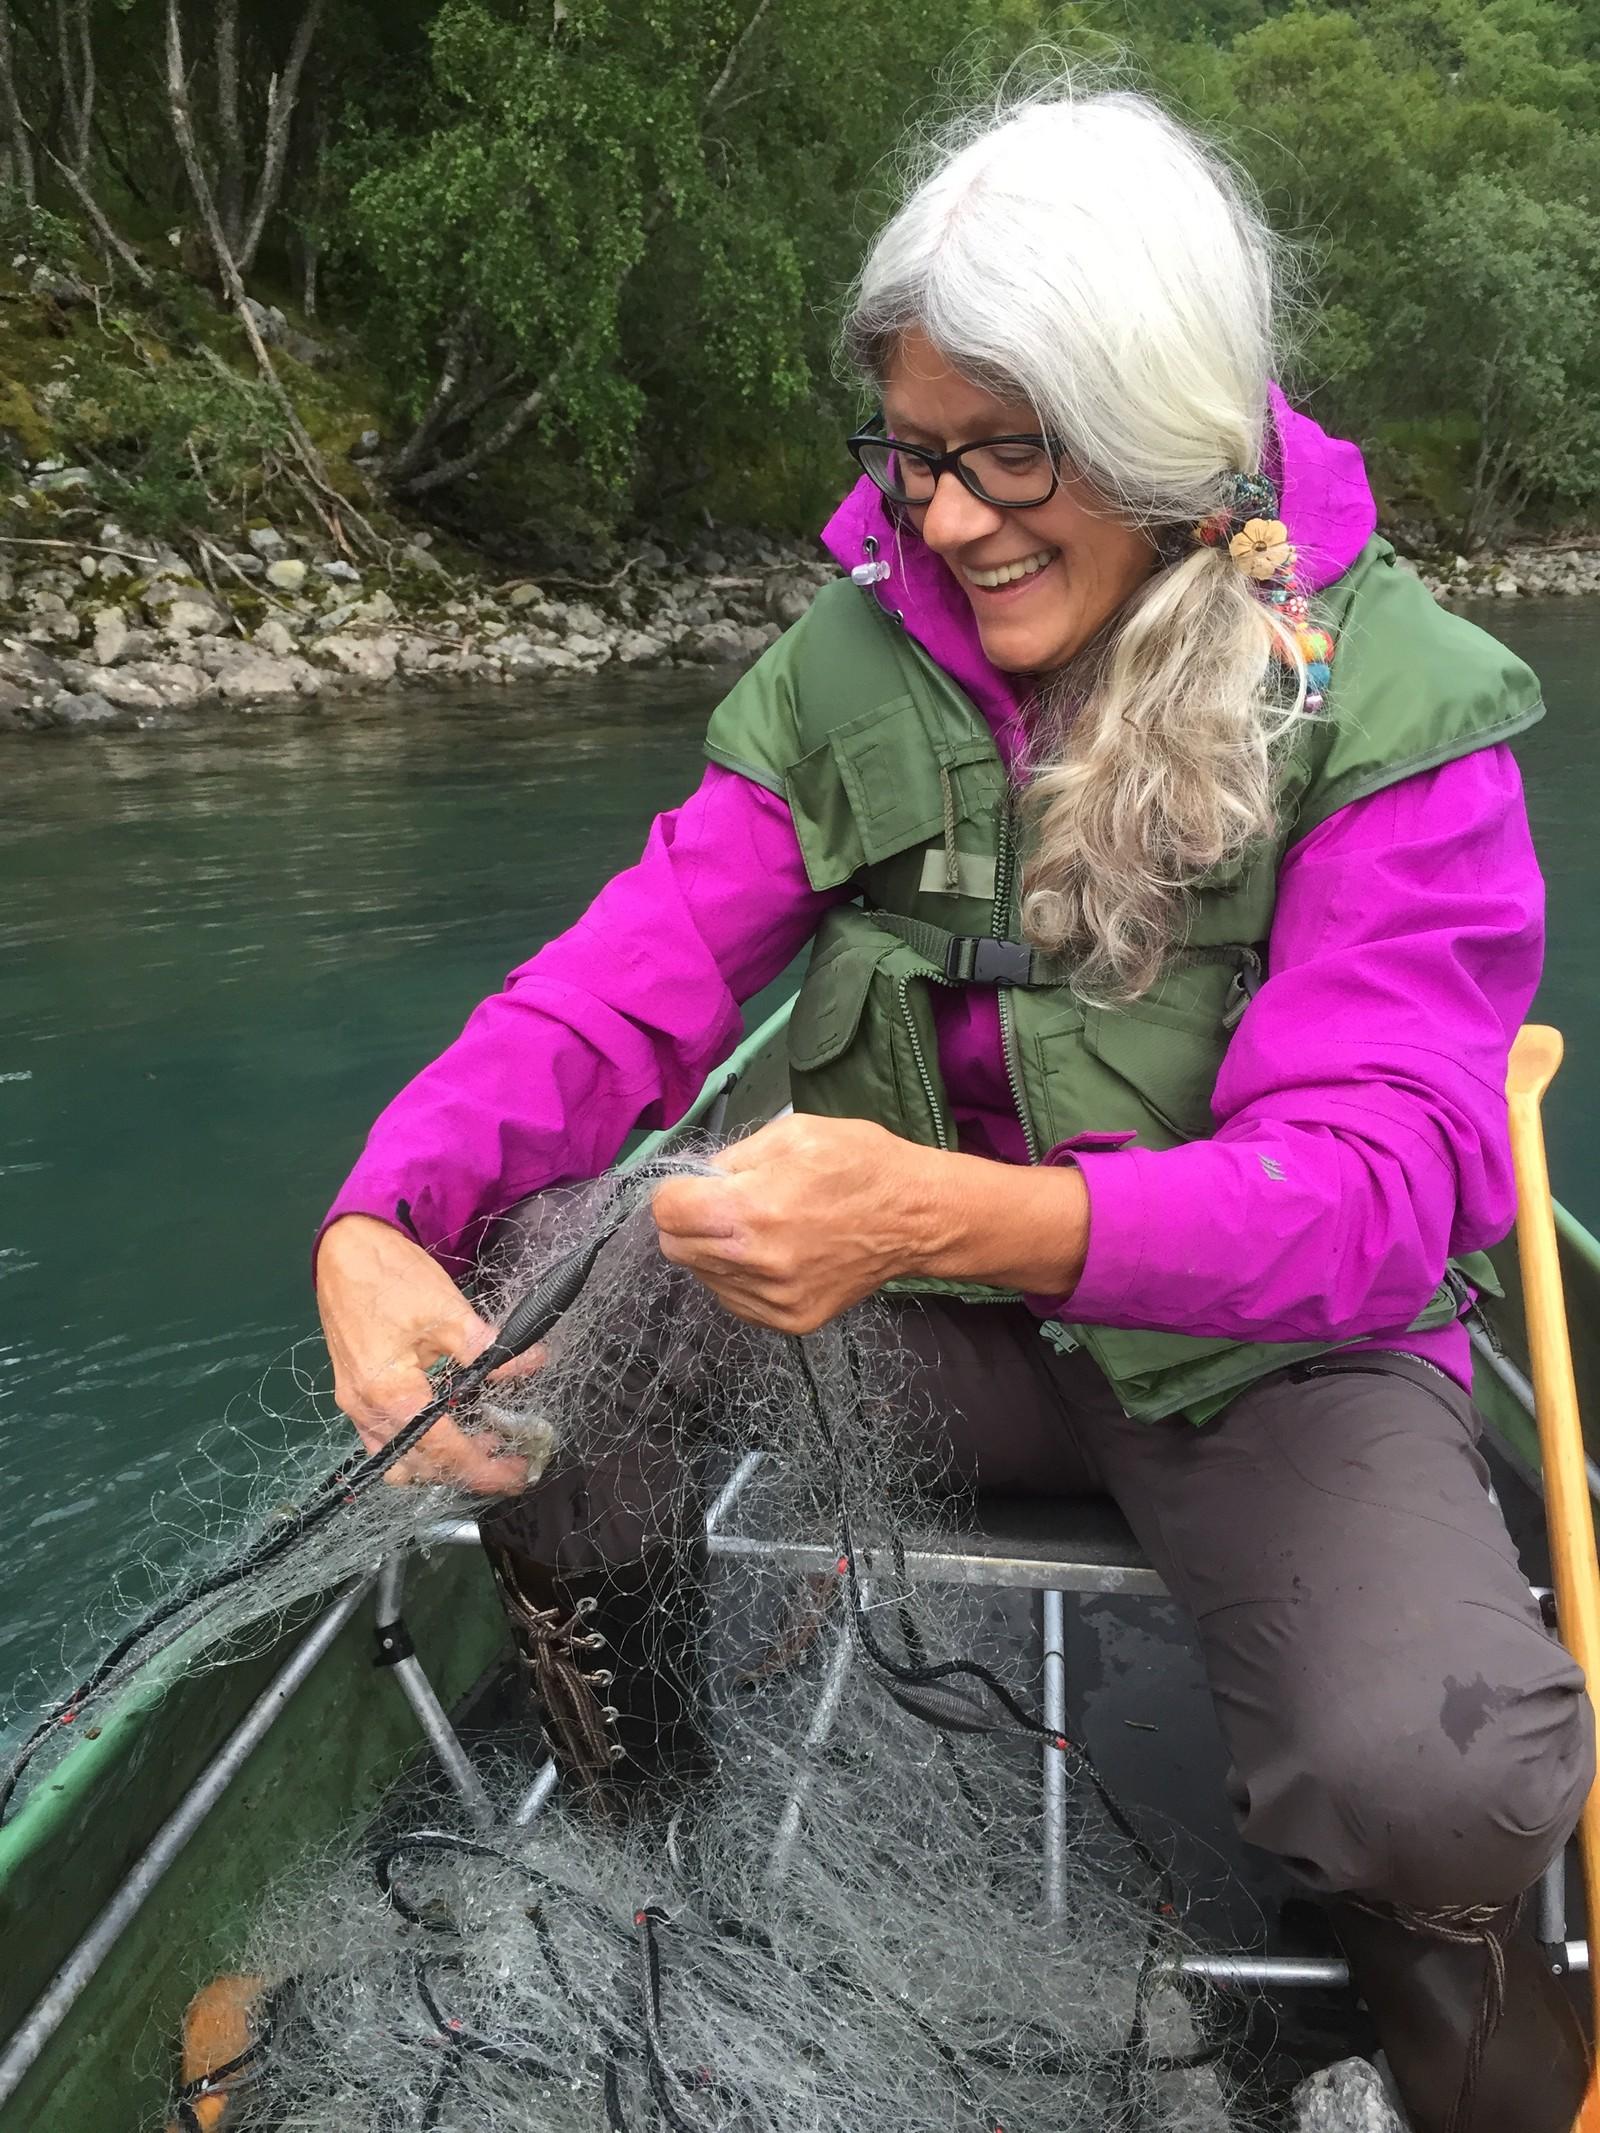 SPESIELL TEKNIKK: Før Åse Evebø sjekkar garna sine kastar ho ut steinar for å skreme heilt fersk fisk inn i garnet.